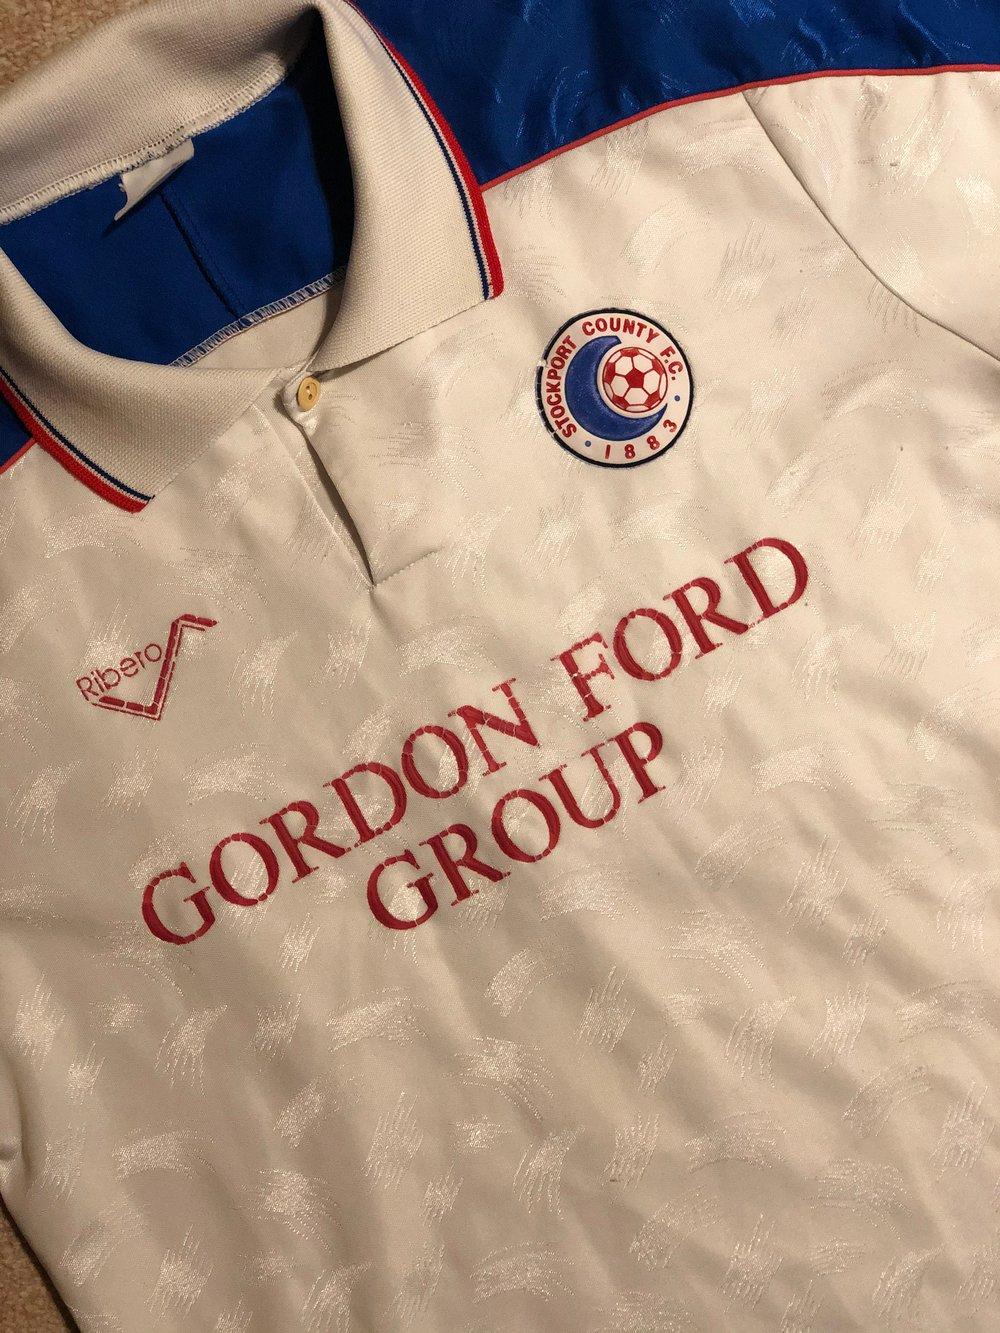 Image of Replica 1990/91 Ribero Gordon Ford Home Shirt